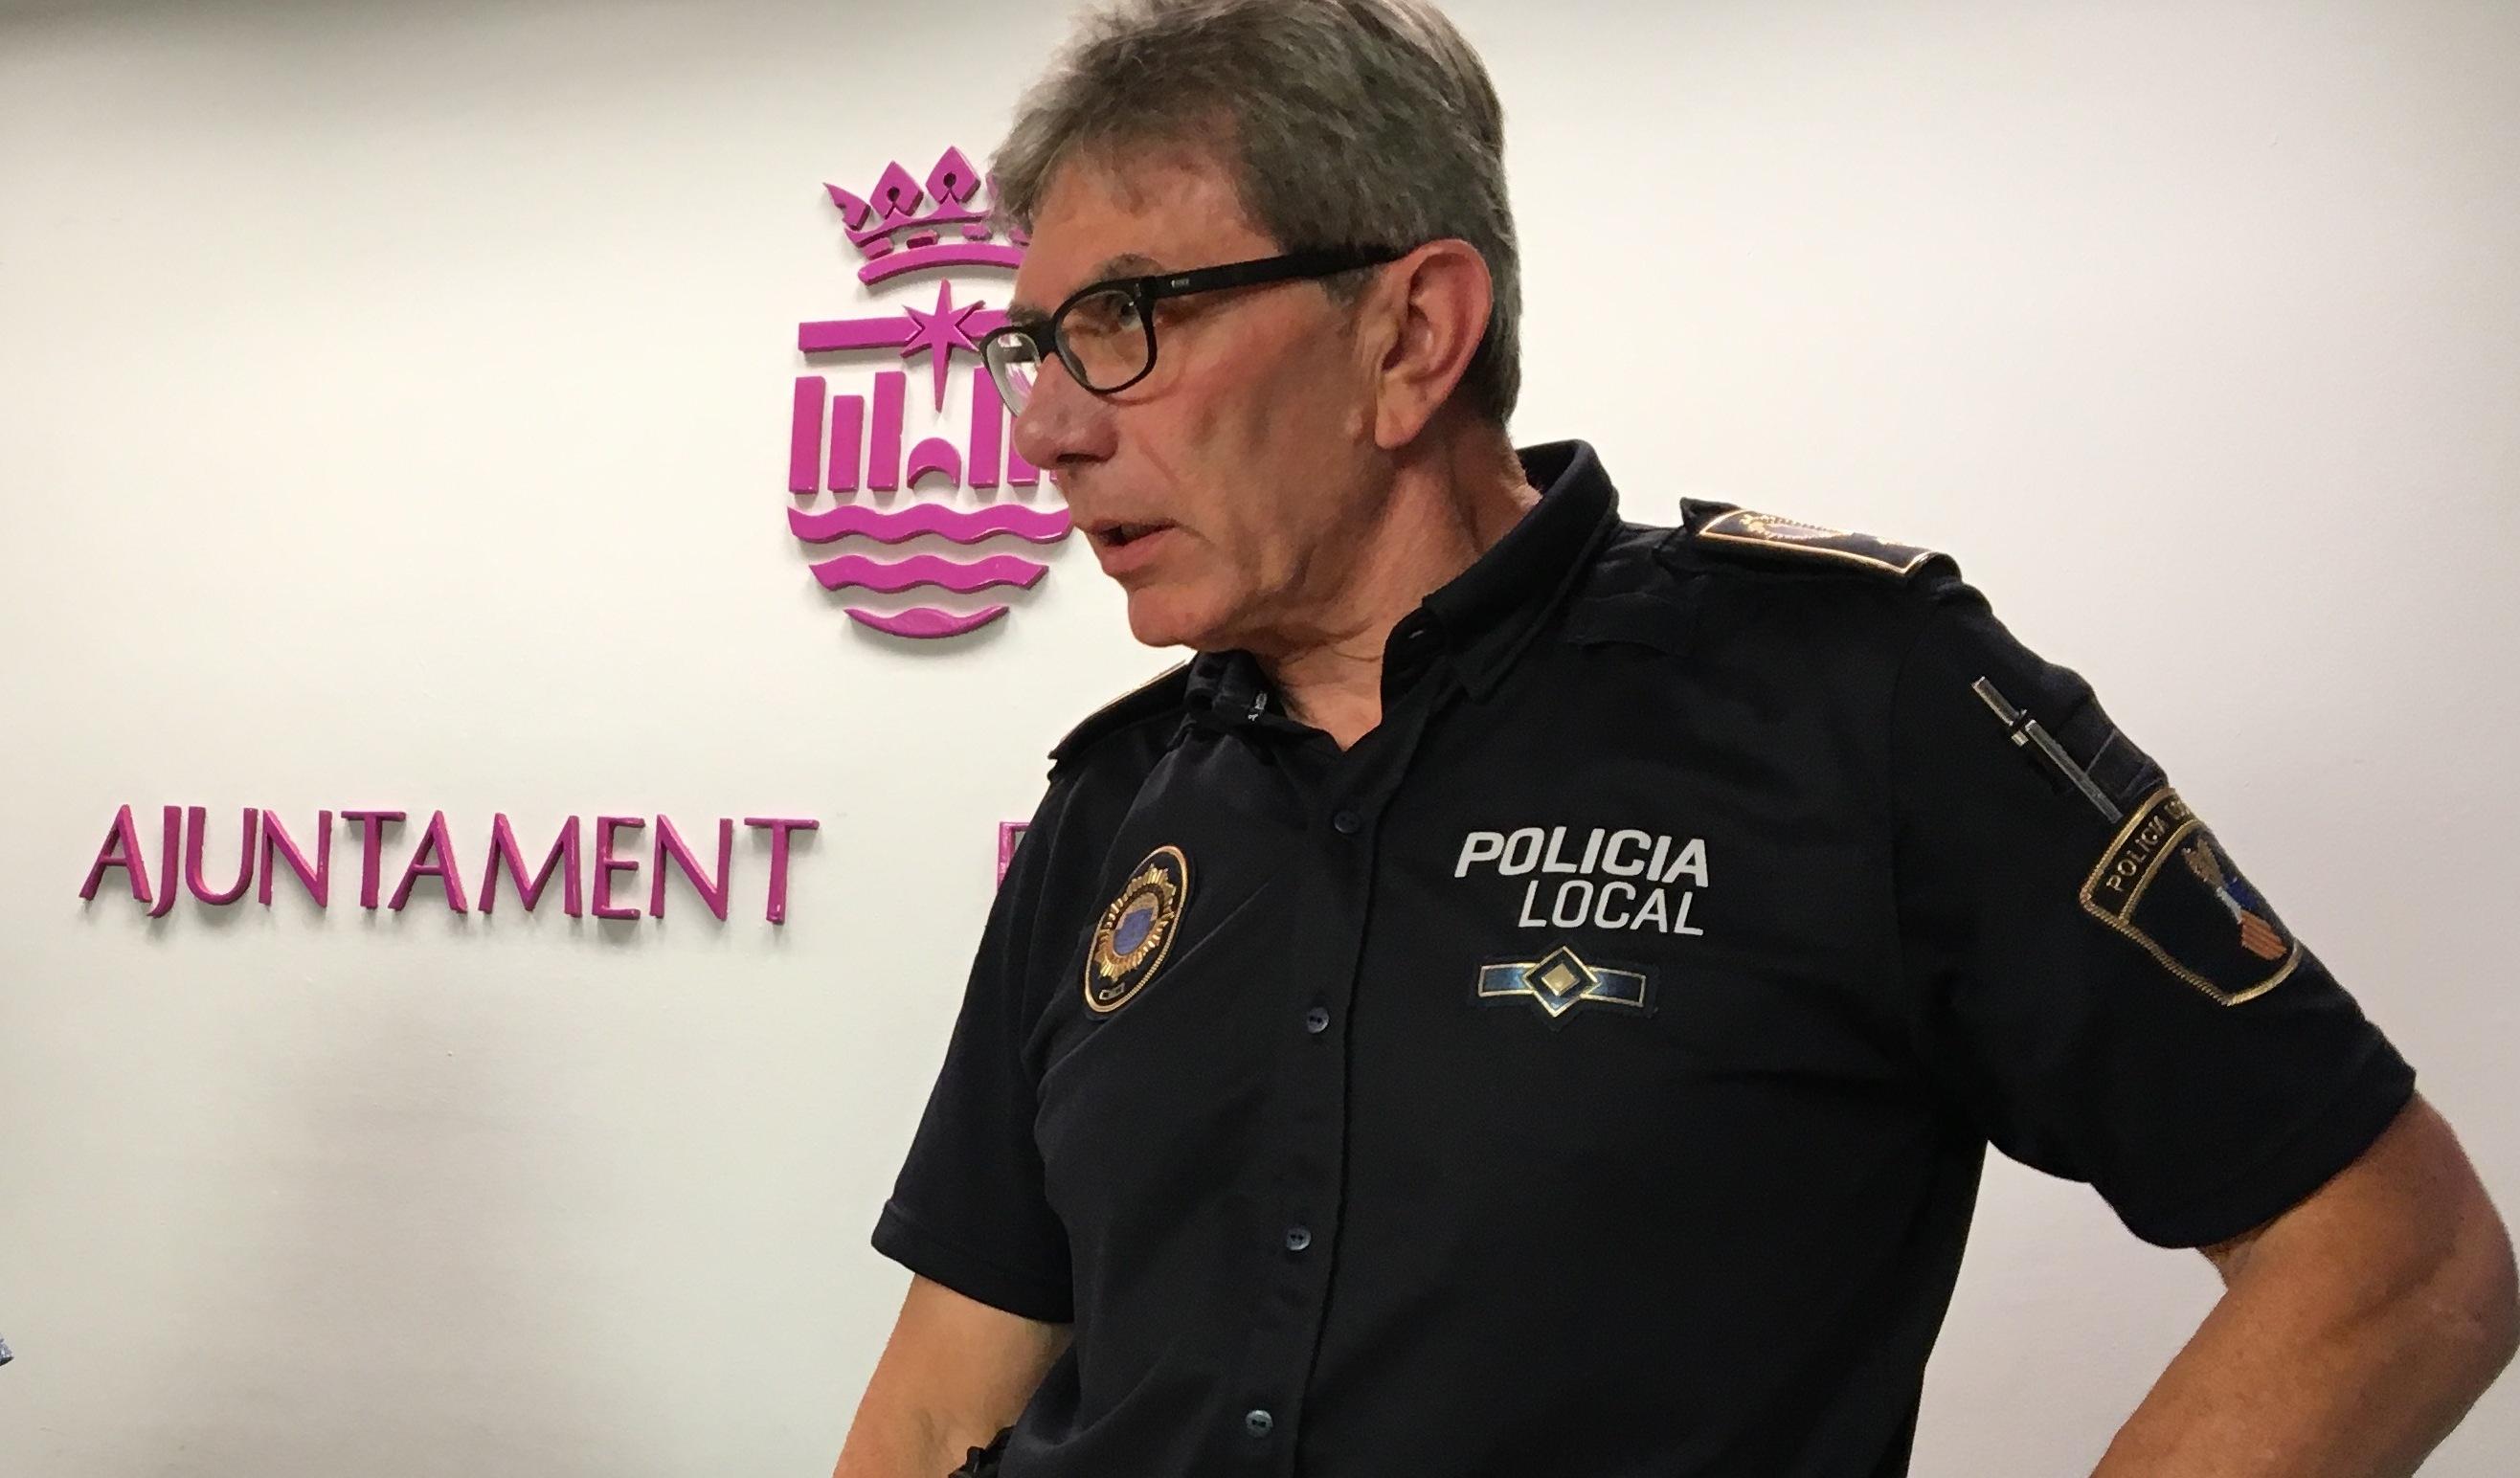 El Jefe de la Policía Local de Gandia niega que la agresión a 2 agentes en Fallas se debiera a la falta de efectivos